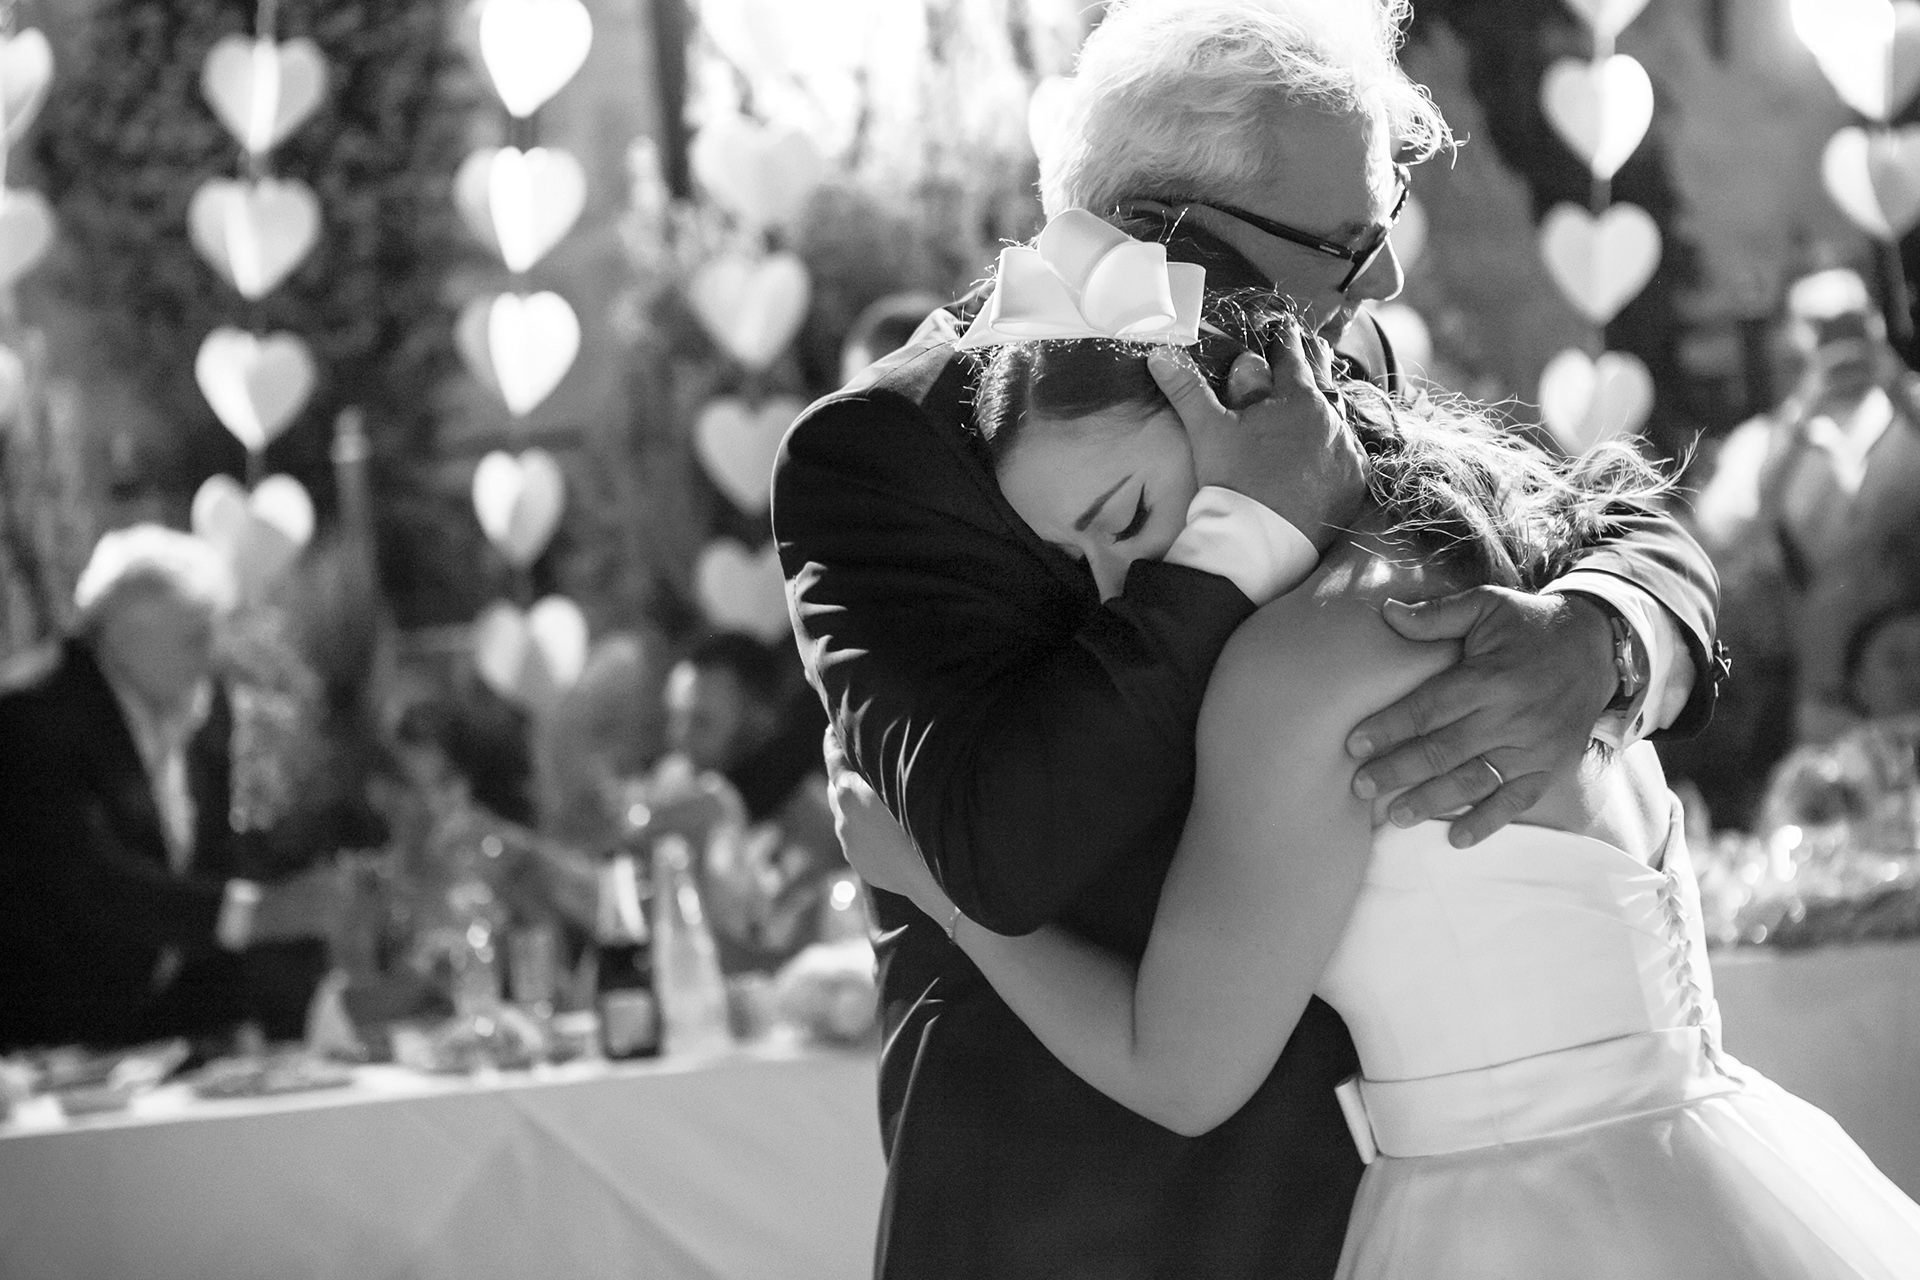 Huwelijksfotografie van vaderdochter - emotioneel worden tijdens dans